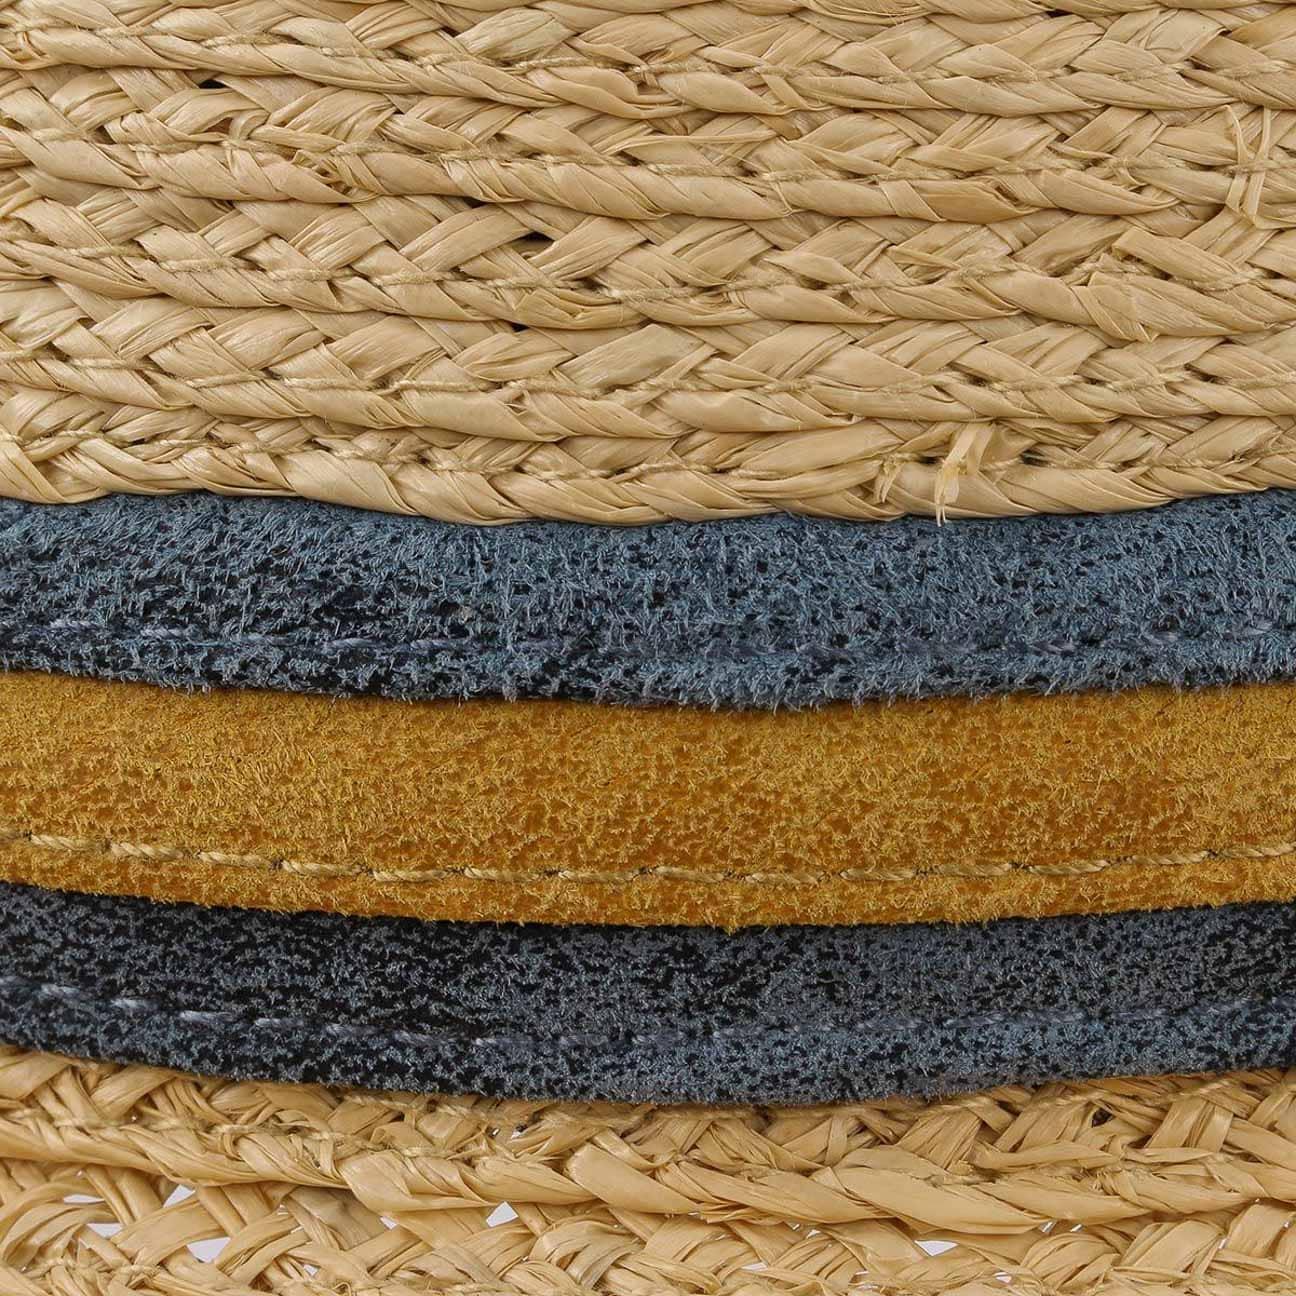 Sombrero Rafia Maringo Player by Stetson - Sombreros - sombreroshop.es 7d5229926f0